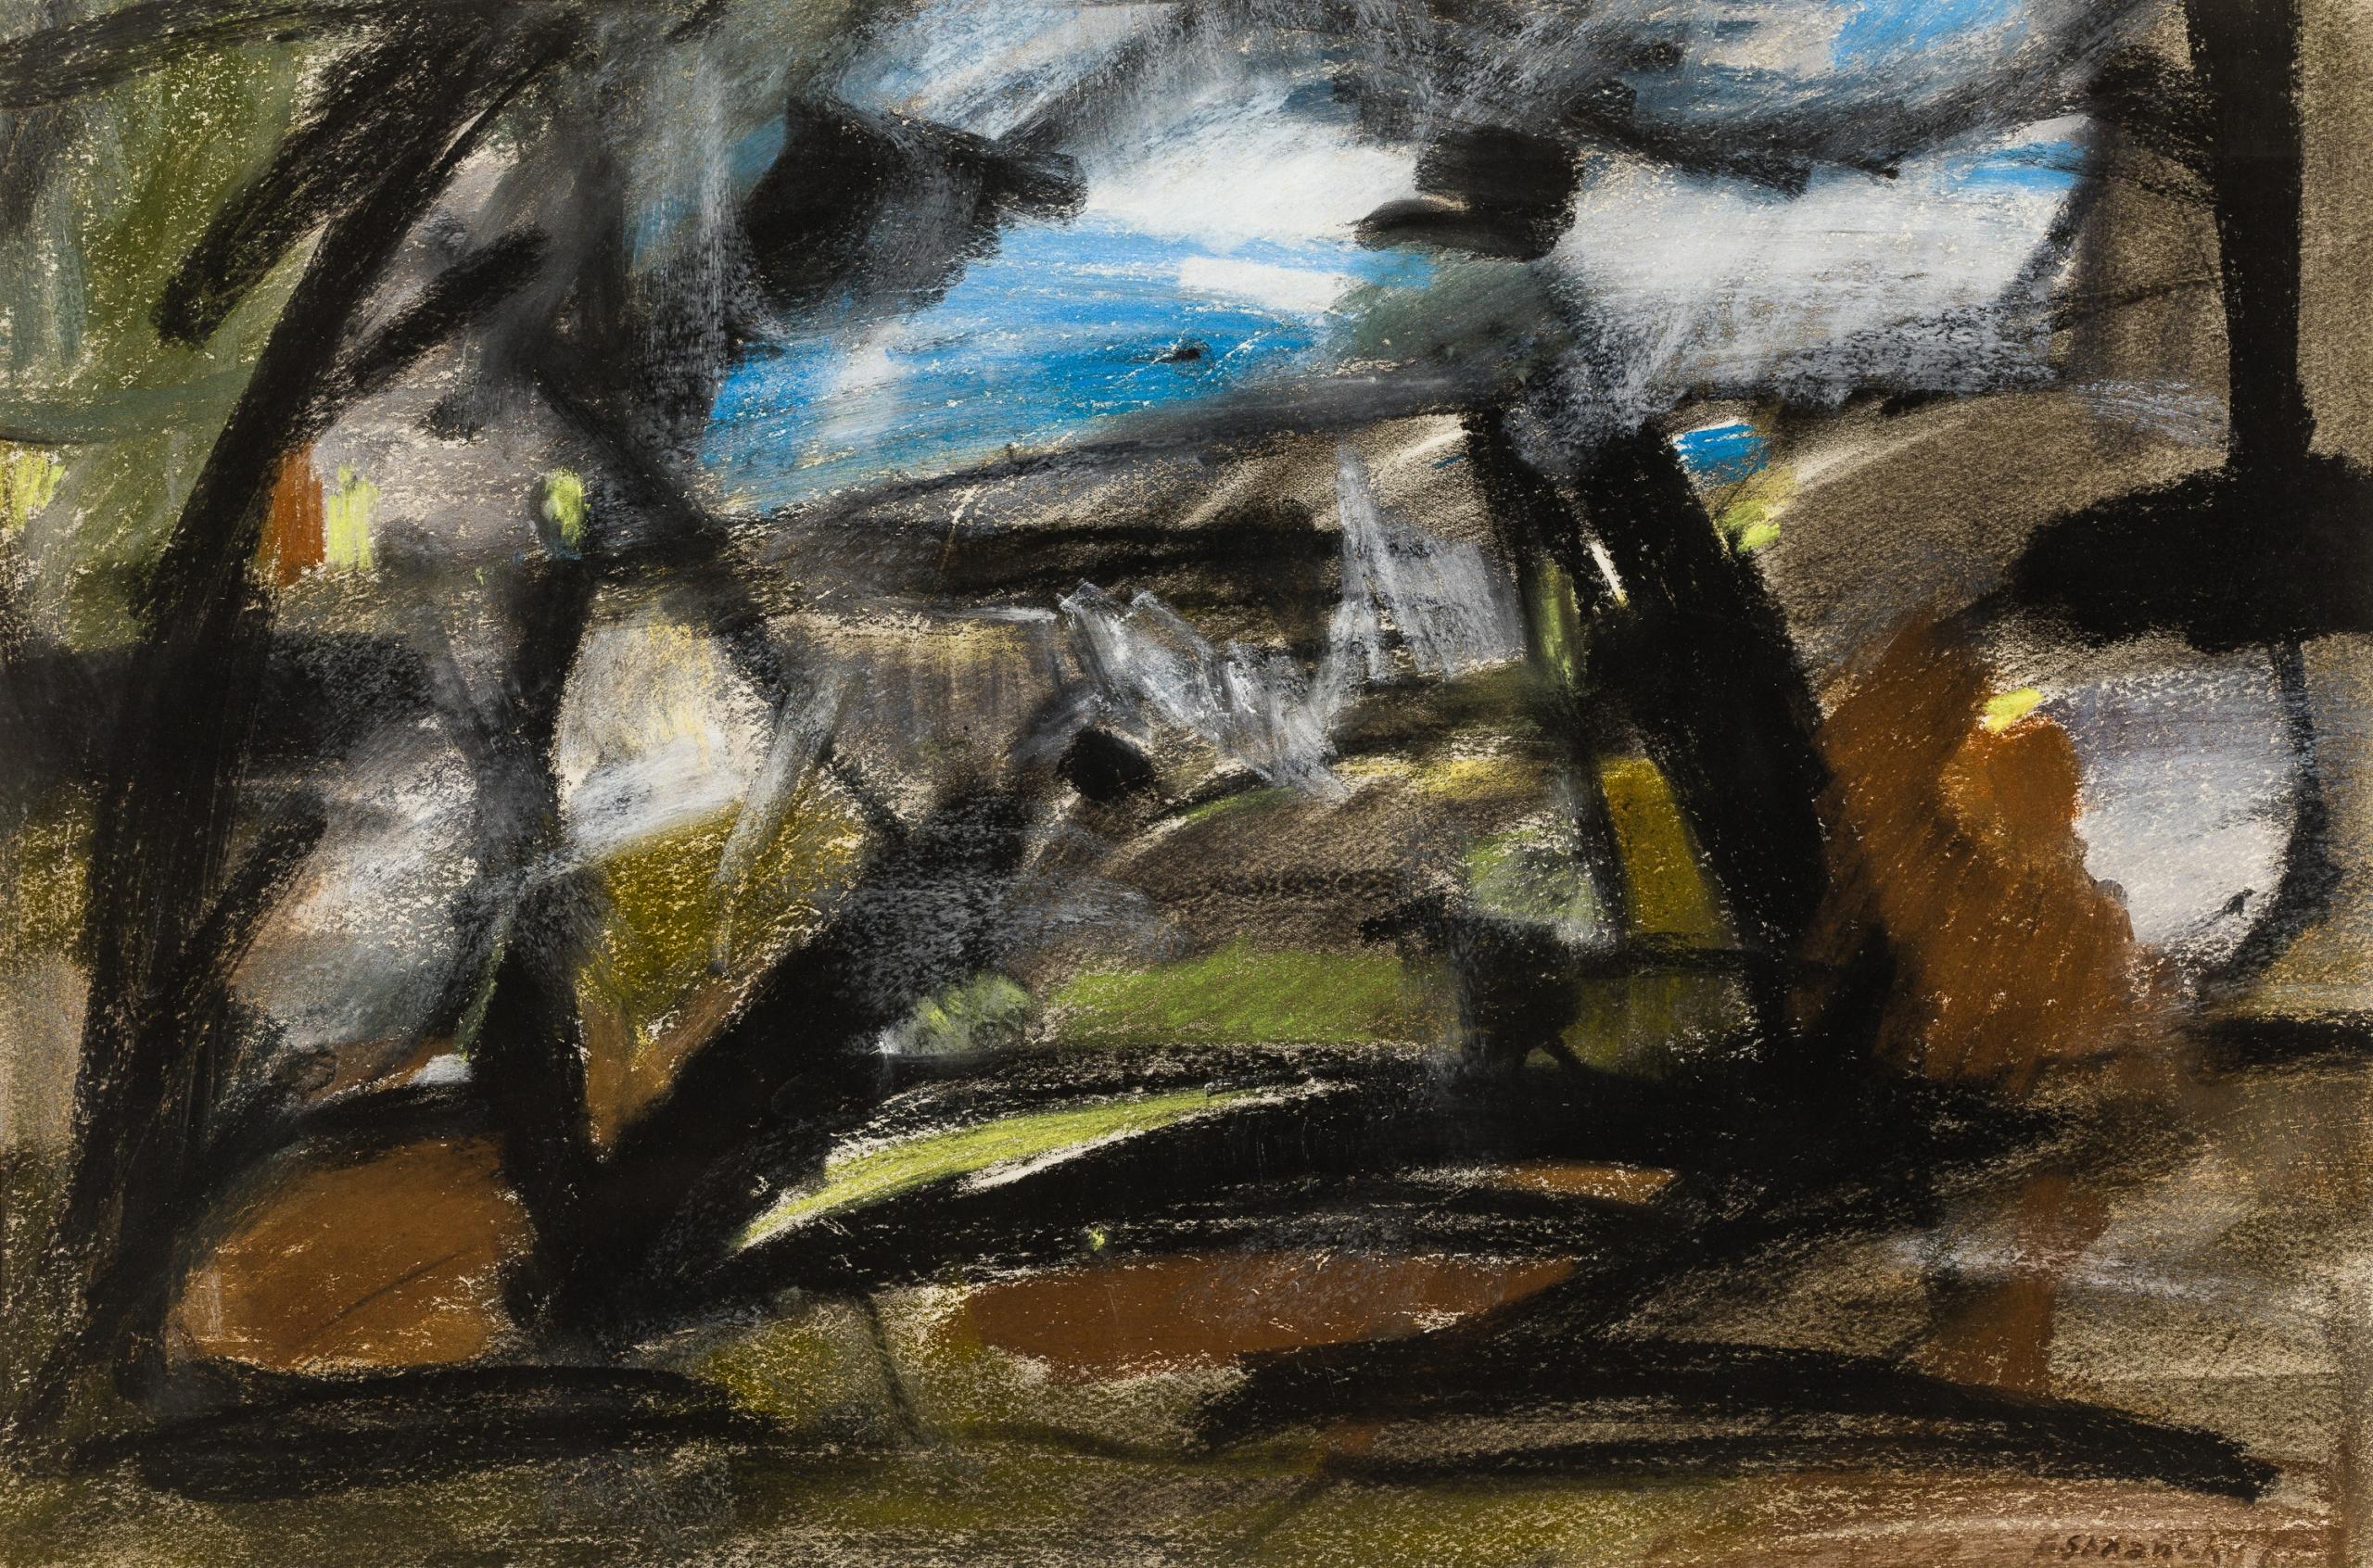 Ferdinand Stransky, Ohne Titel / untitled